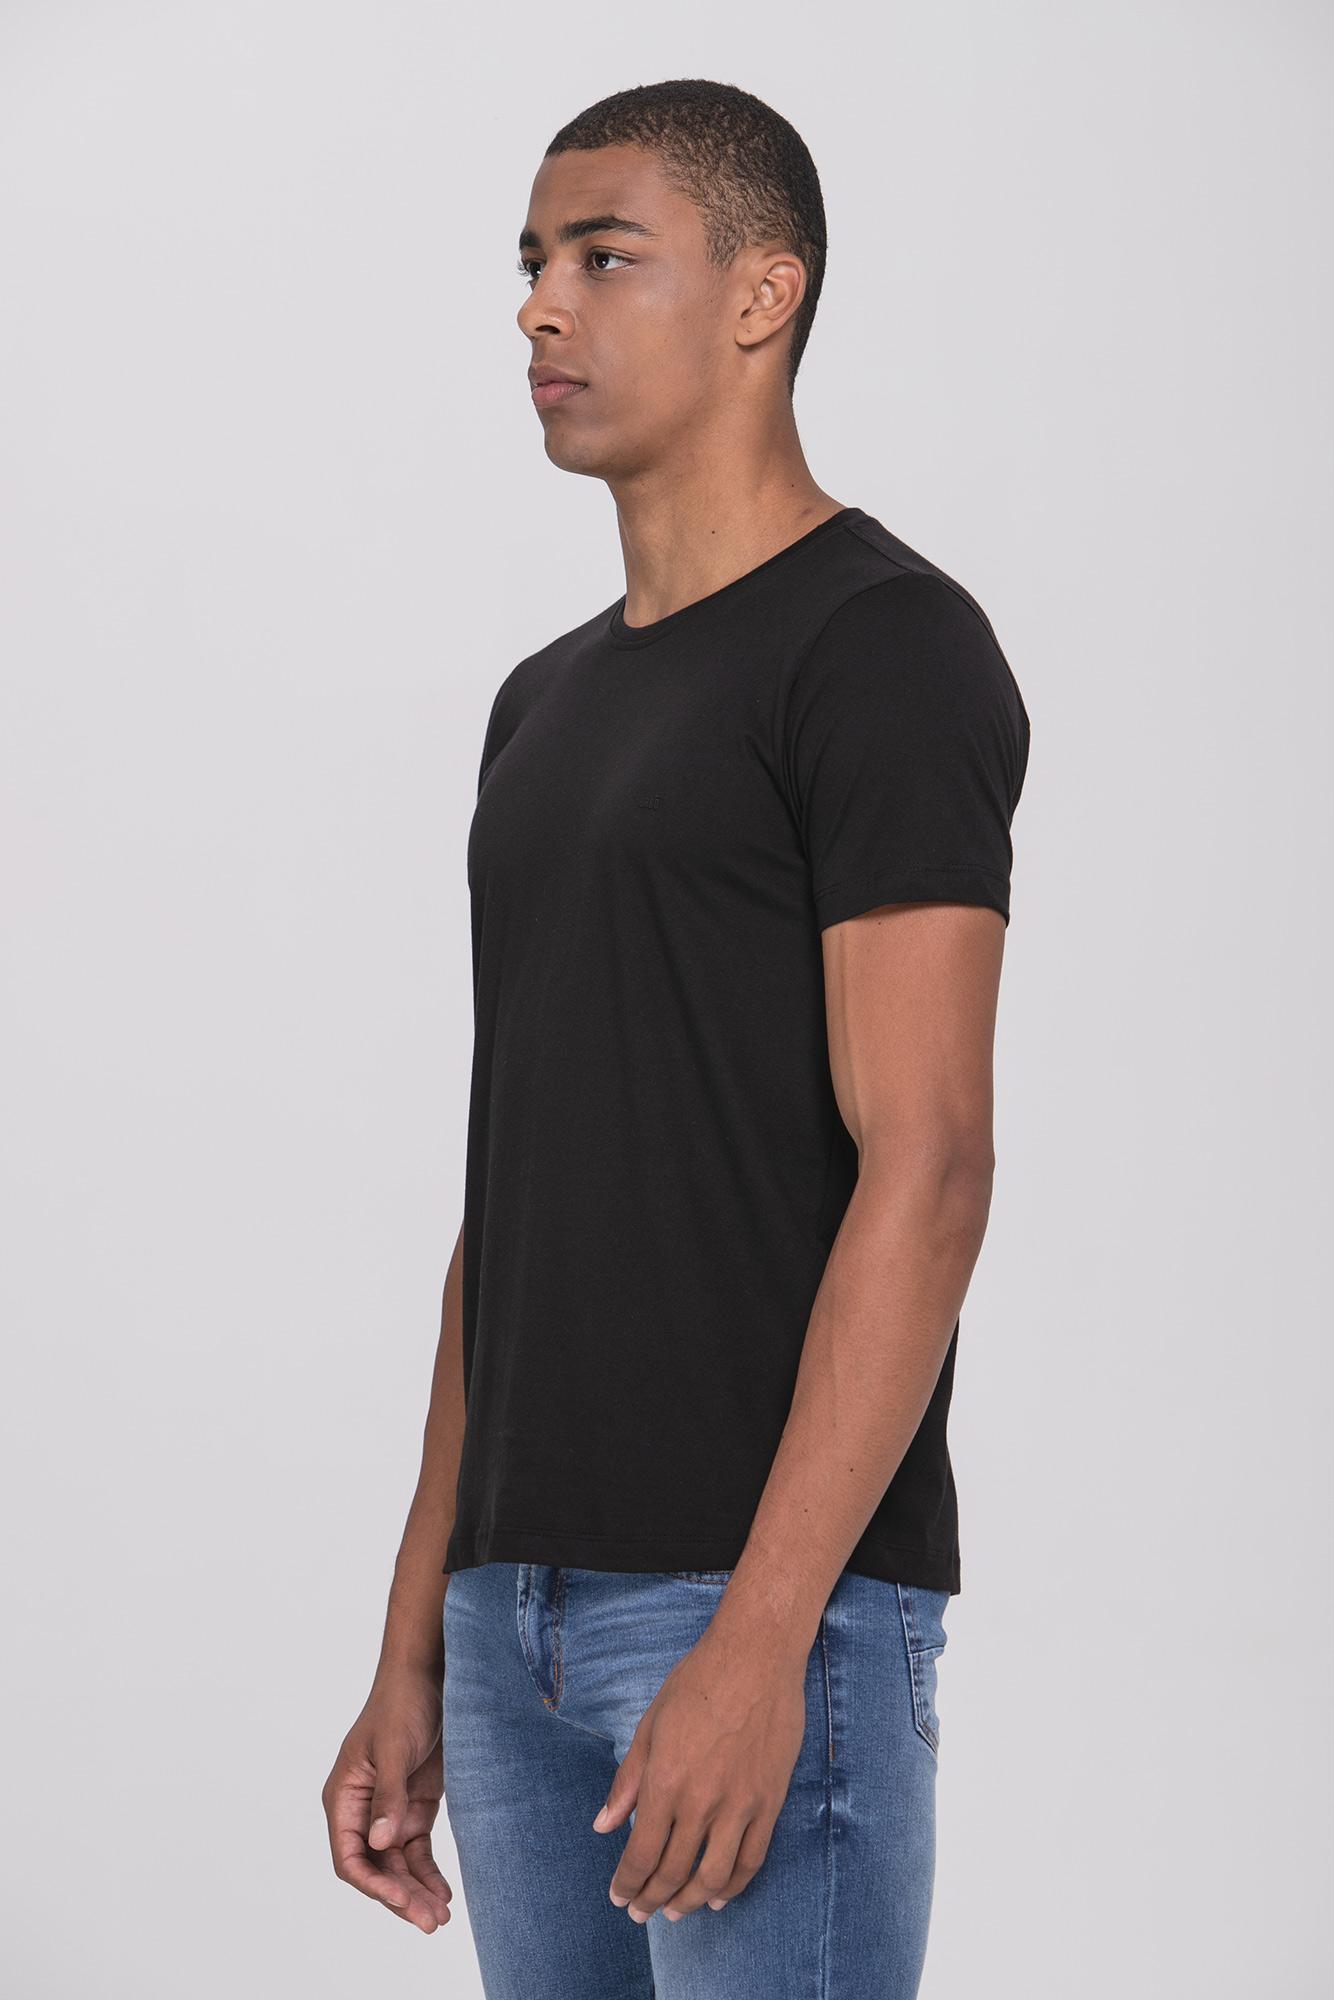 Camiseta Cotton Egypt Preta